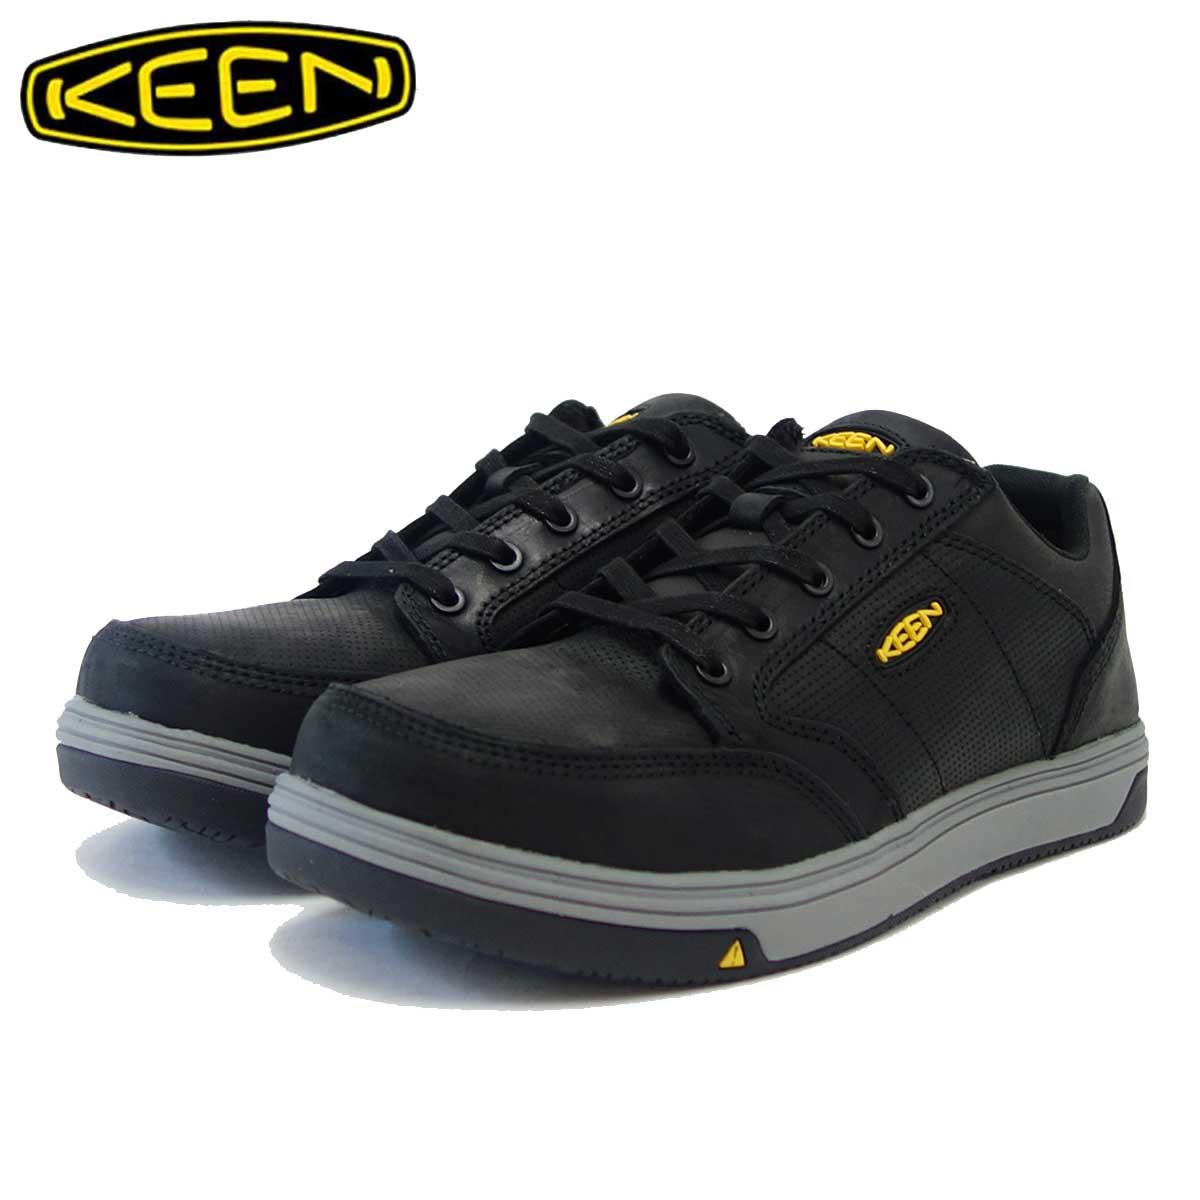 キーン KEEN レディング エーティー 1020074 ブラック/グレー(メンズ)工事現場用ワークシューズ 安全靴「靴」